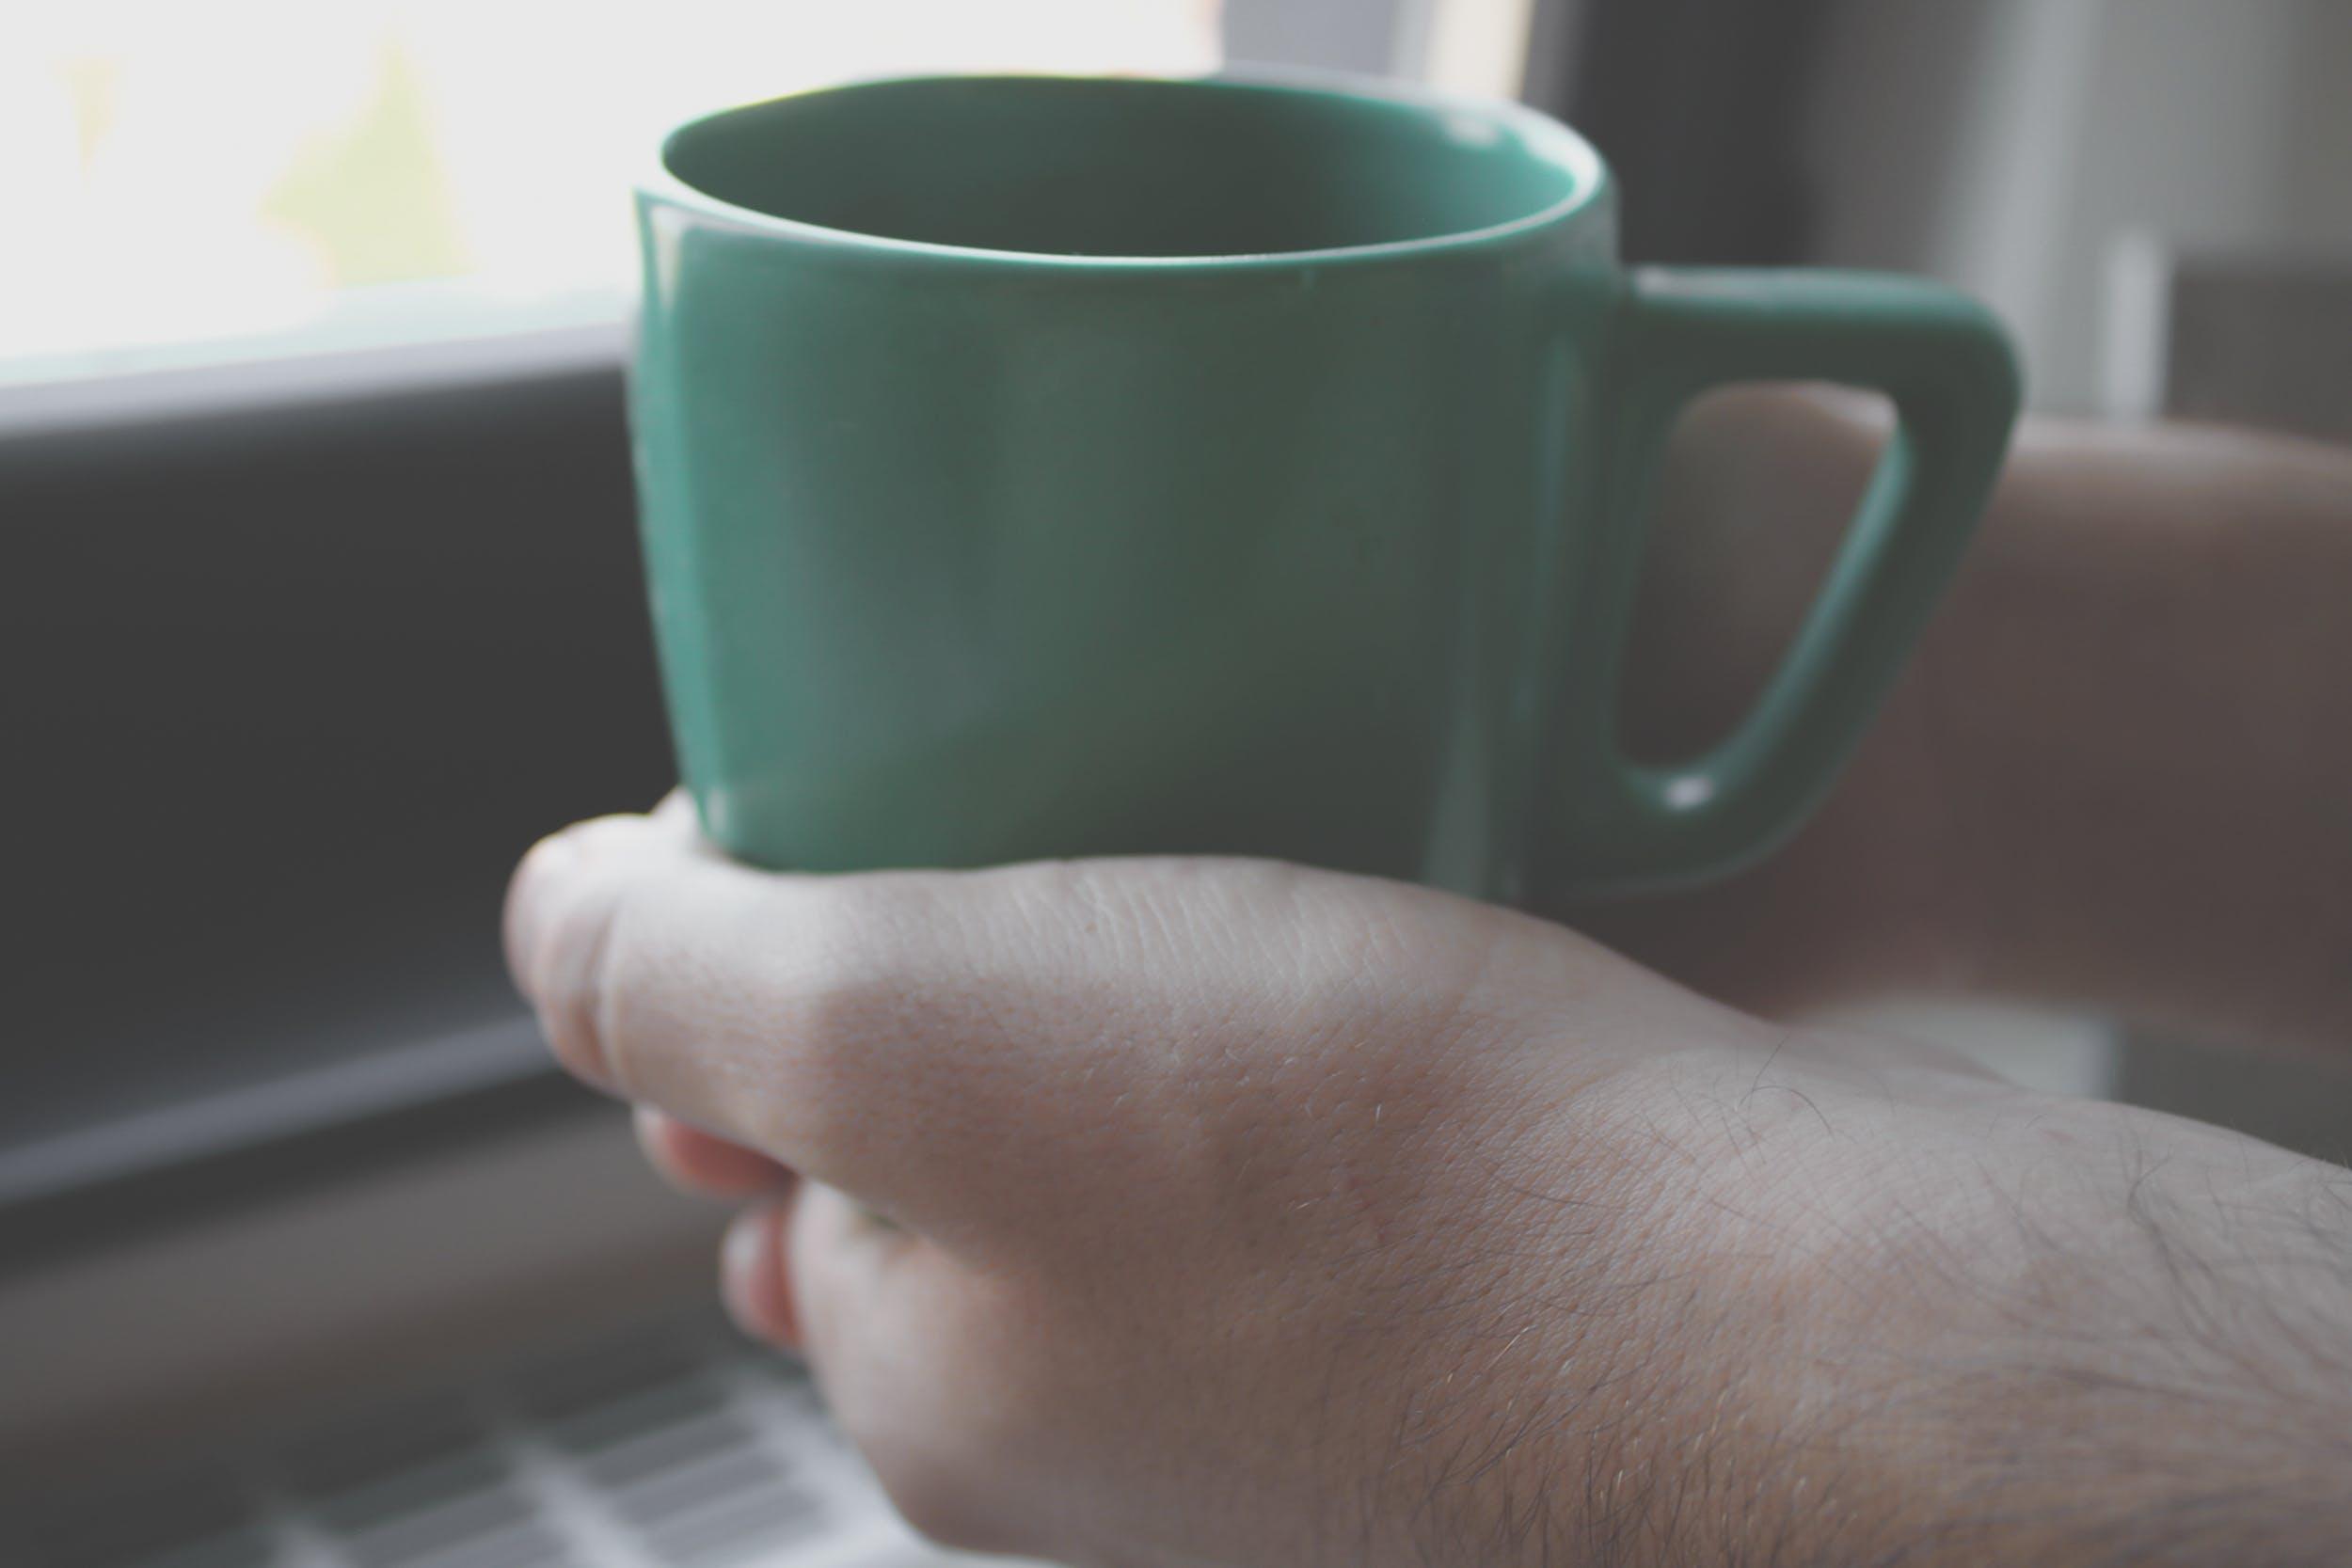 brzké ráno, bylinkový čaj, čaj